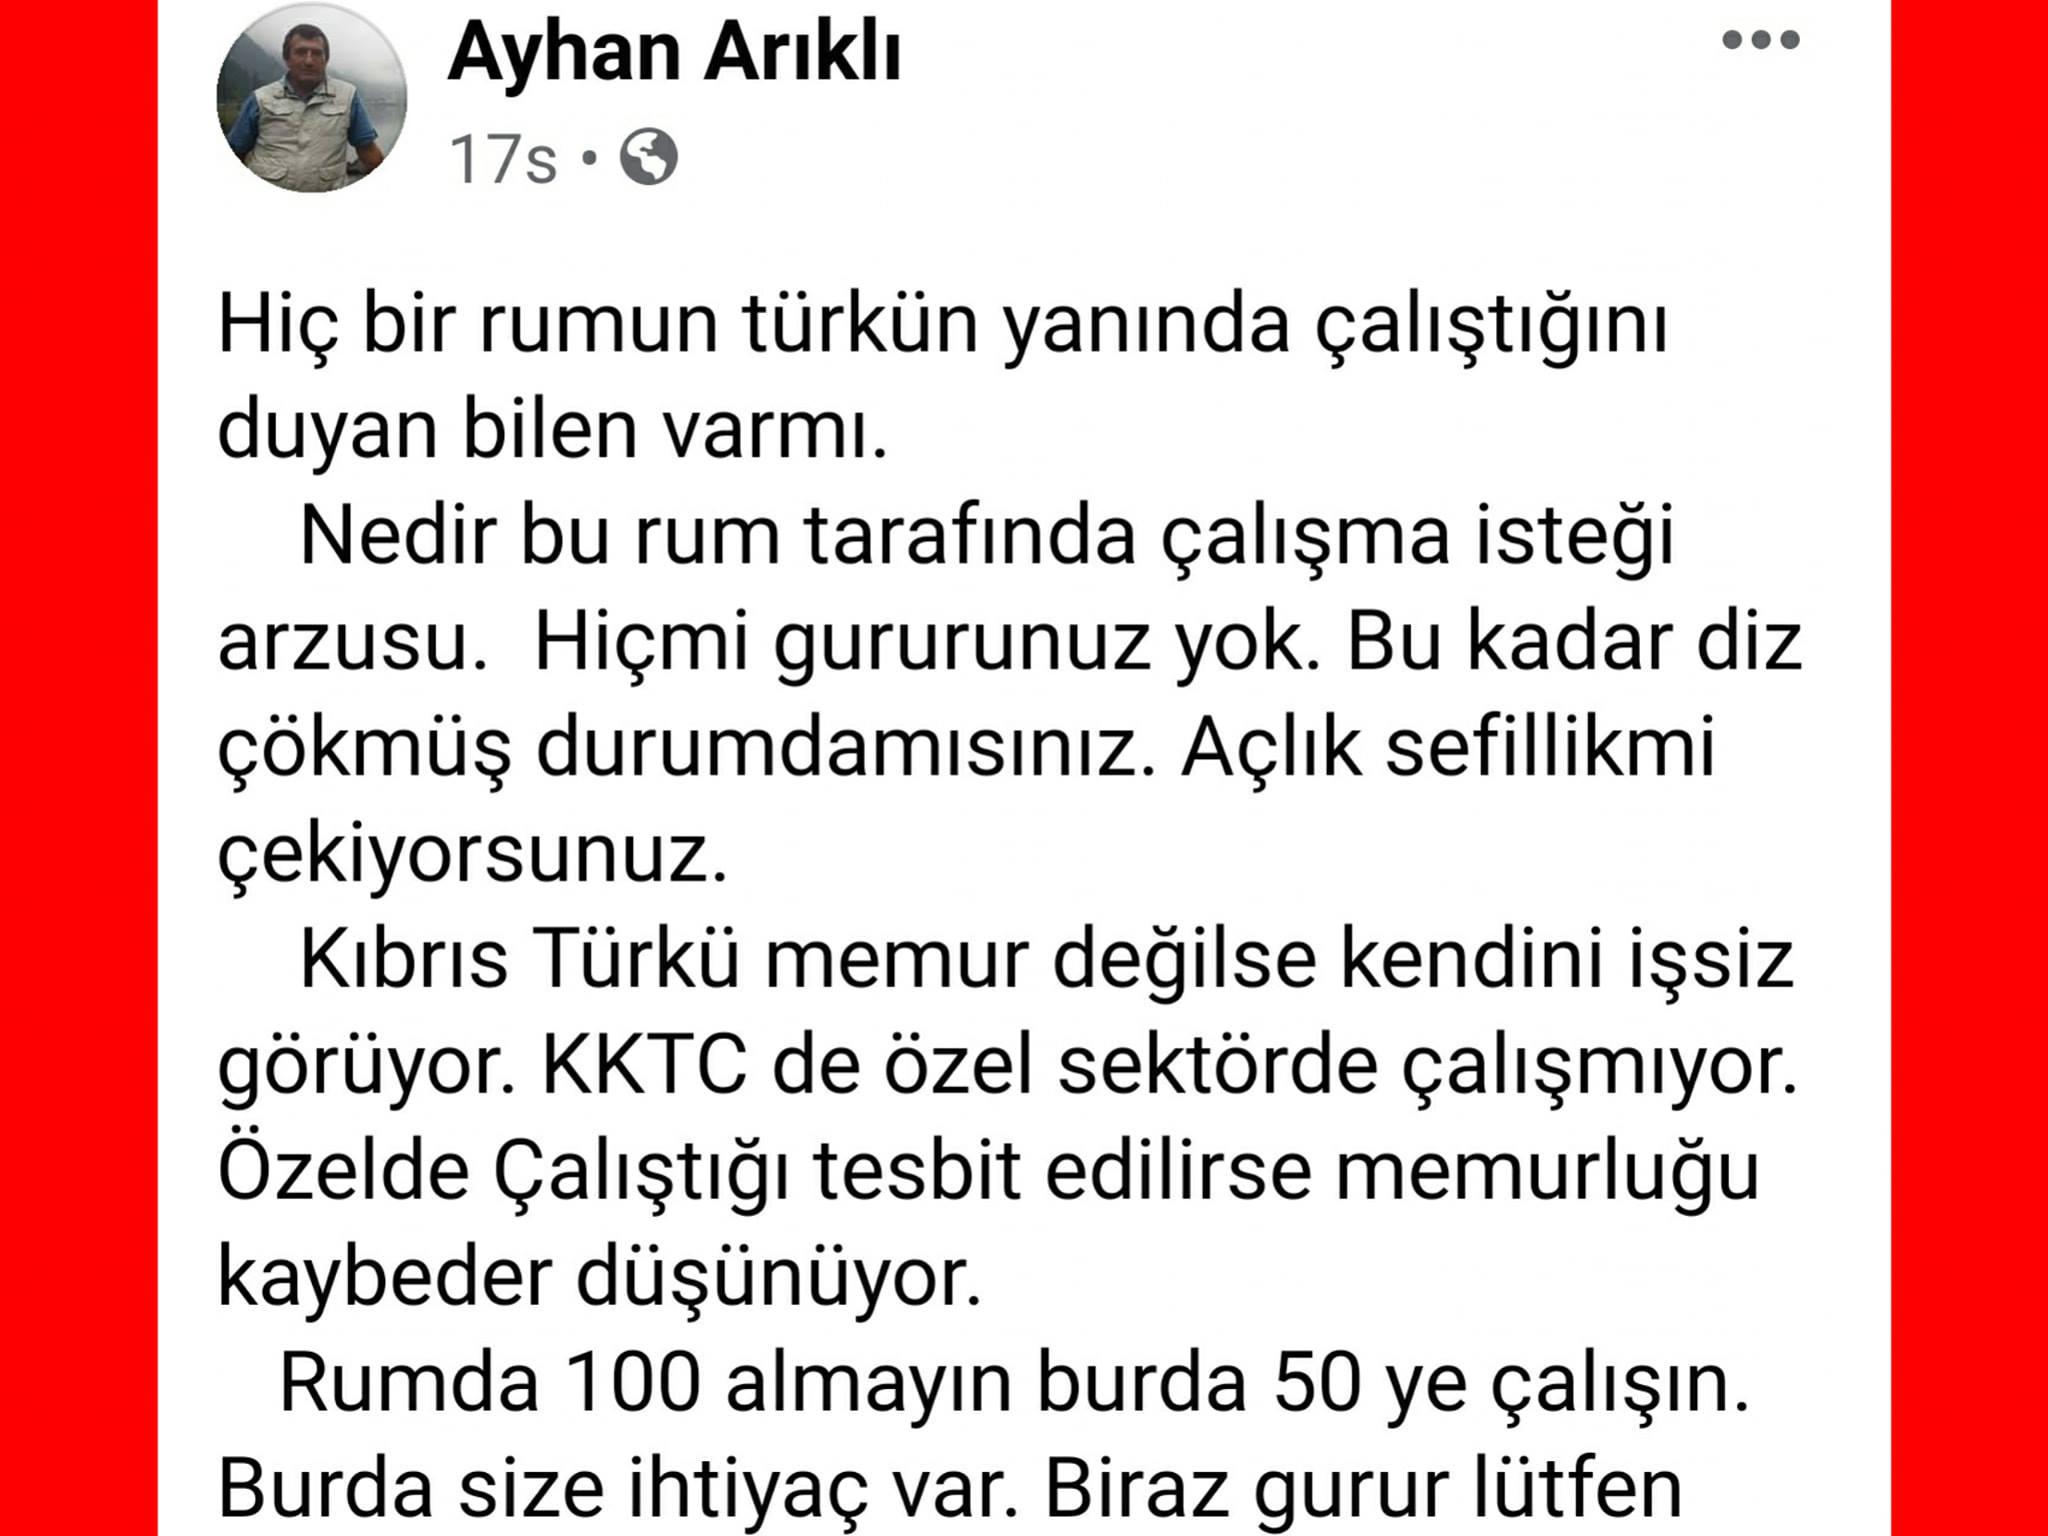 ozgur_gazete_kibris_Arikli_nin_kardesinden_guneyde_calisan_iscilere_agir_hakaret